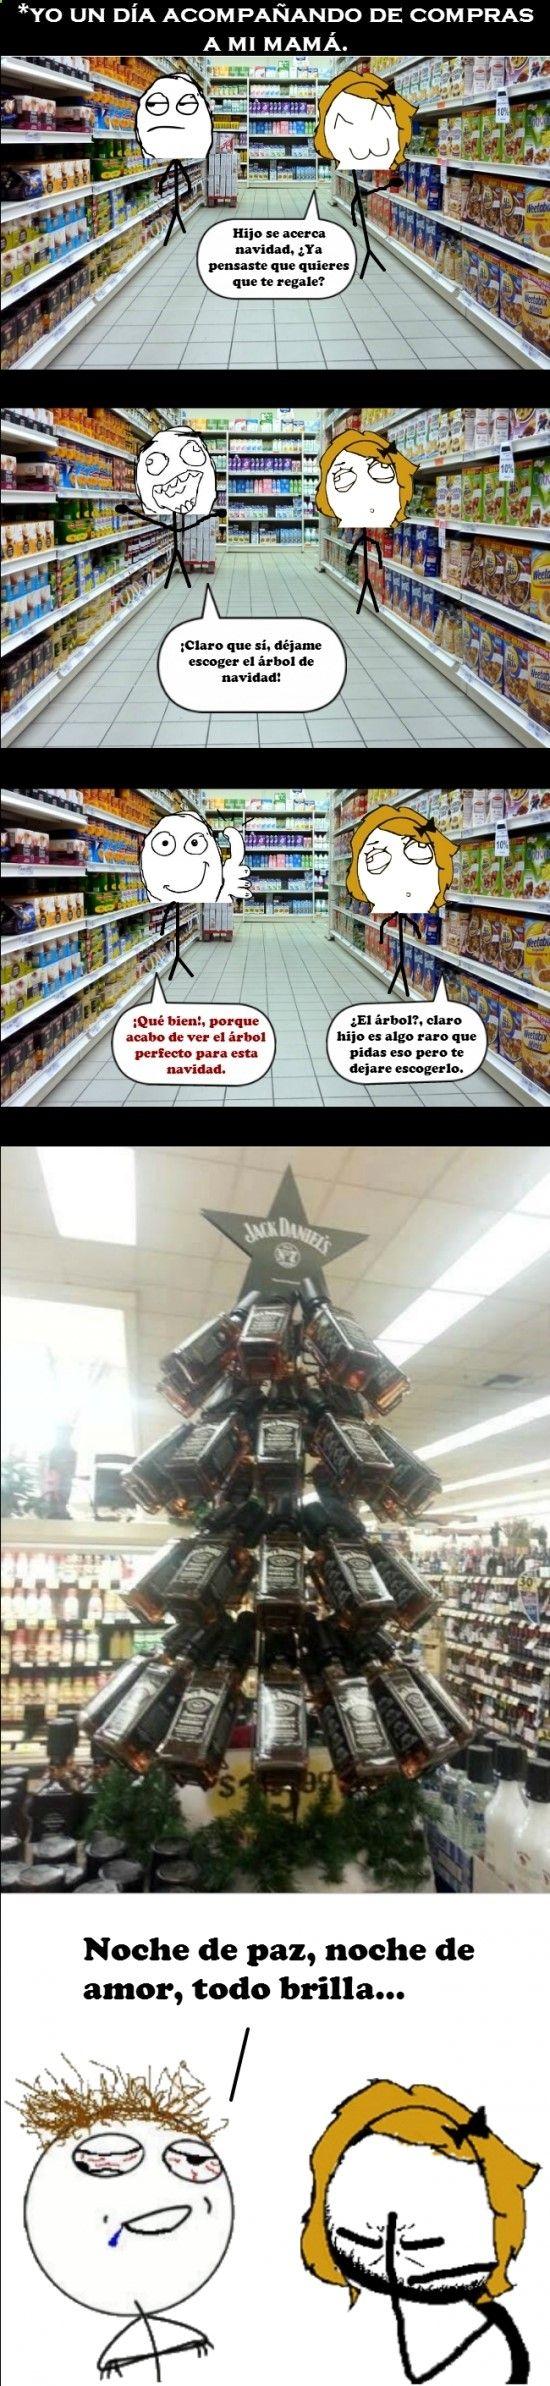 #Navidad #humor en español. ➫ http://www.diverint.com/memes-graciosisimos-foto-perfil-foto-etiquetada